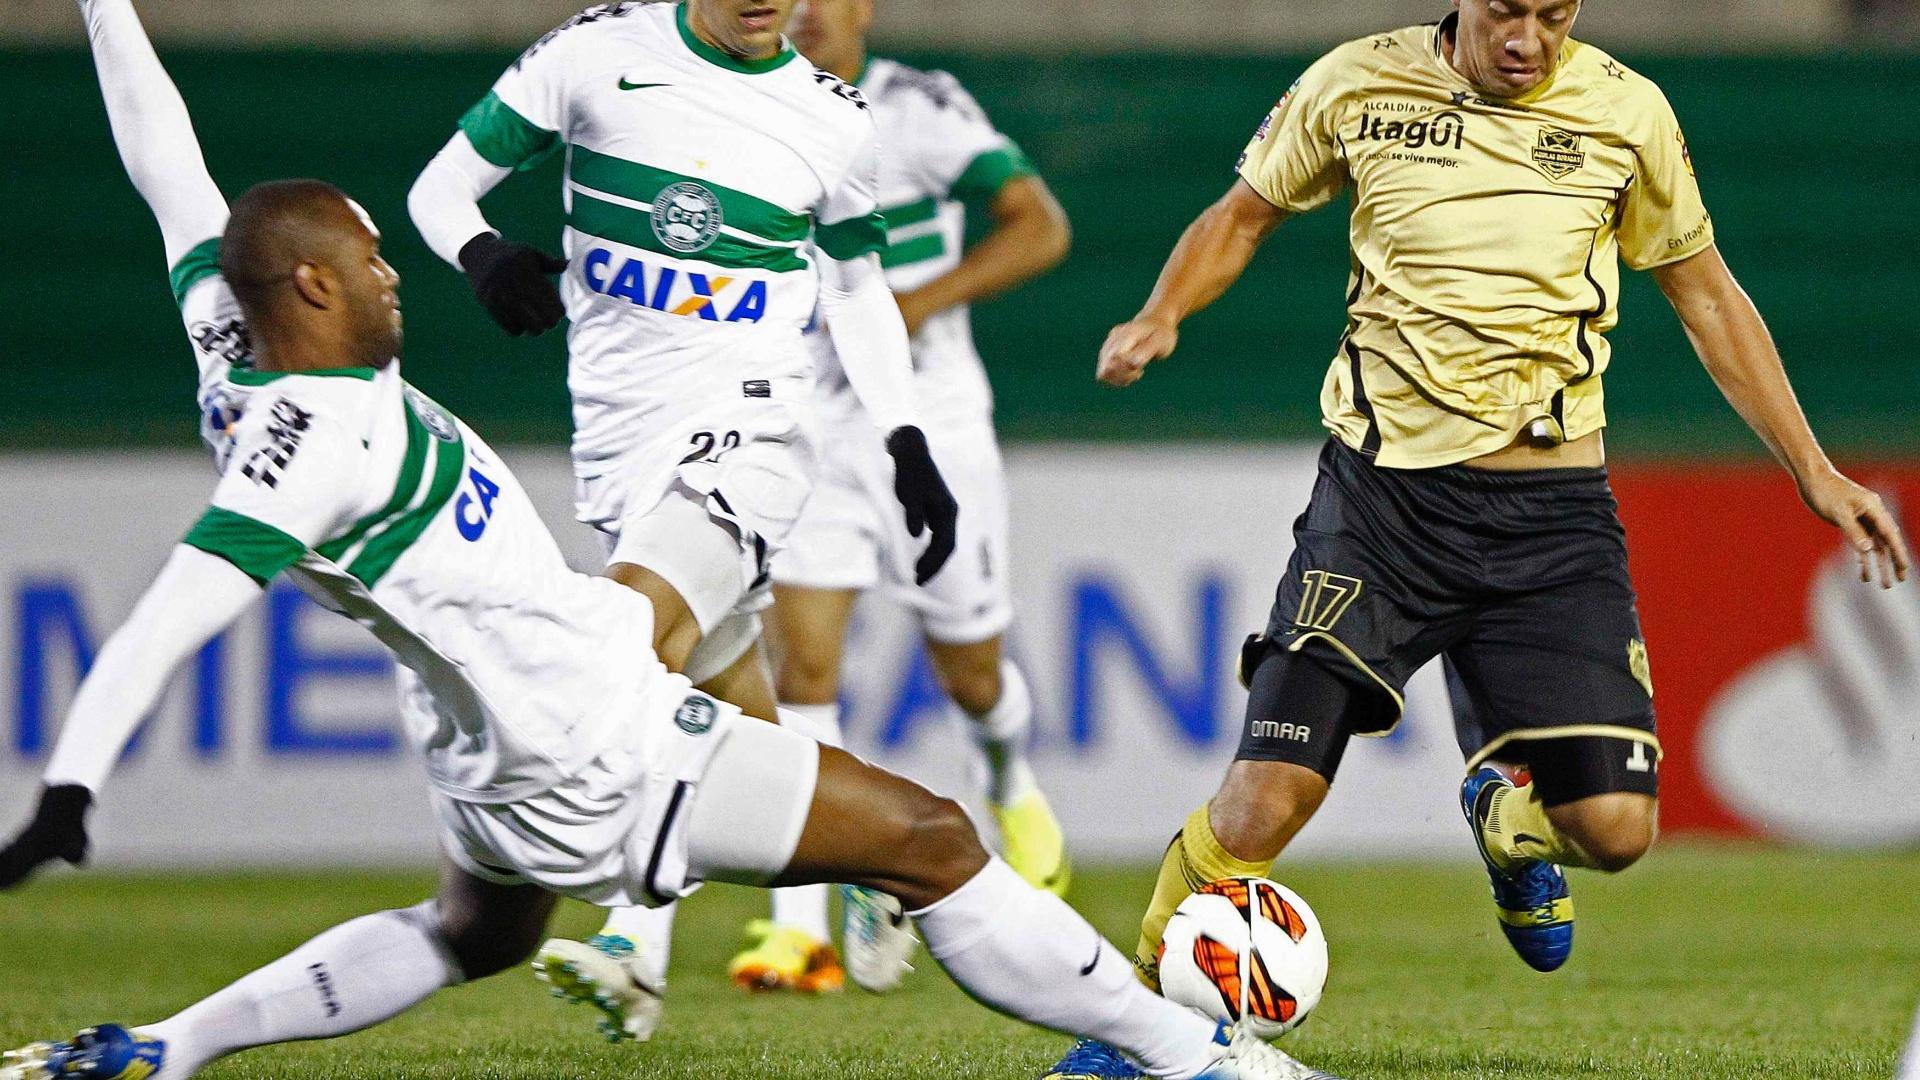 24.set.2013 - Bonfim disputa bola com Rodríguez, do Itaguí, enquanto Robinho observa